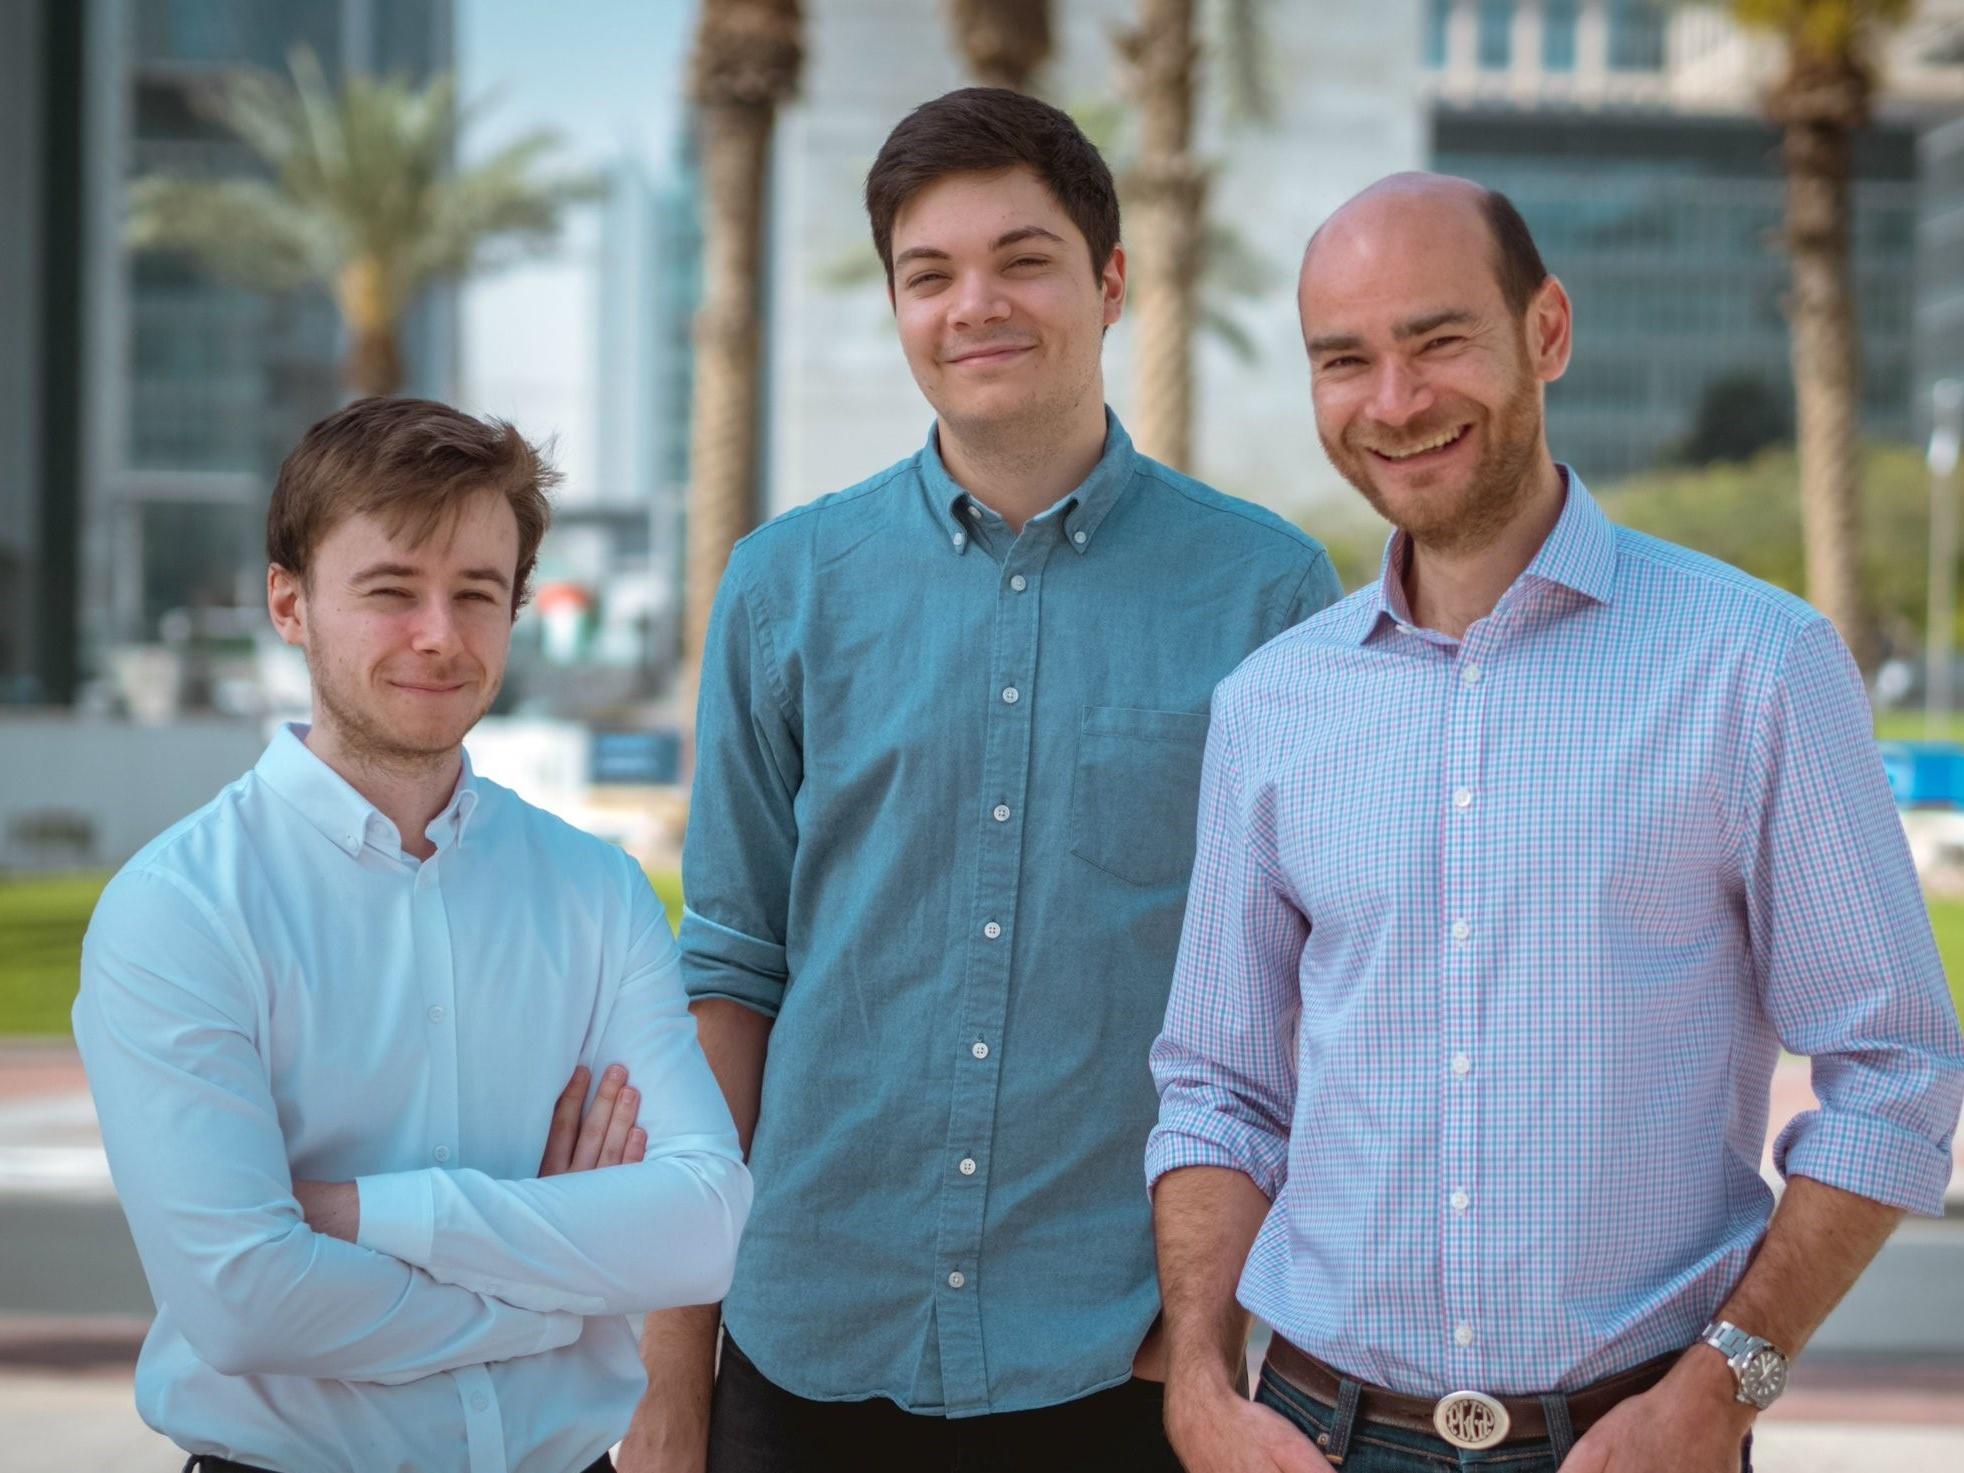 Statys, Statys founders, credit assessment software, risk assessment solution, fintech startup, dubai startup, pierre proner, jaime van oers, flinn dolman